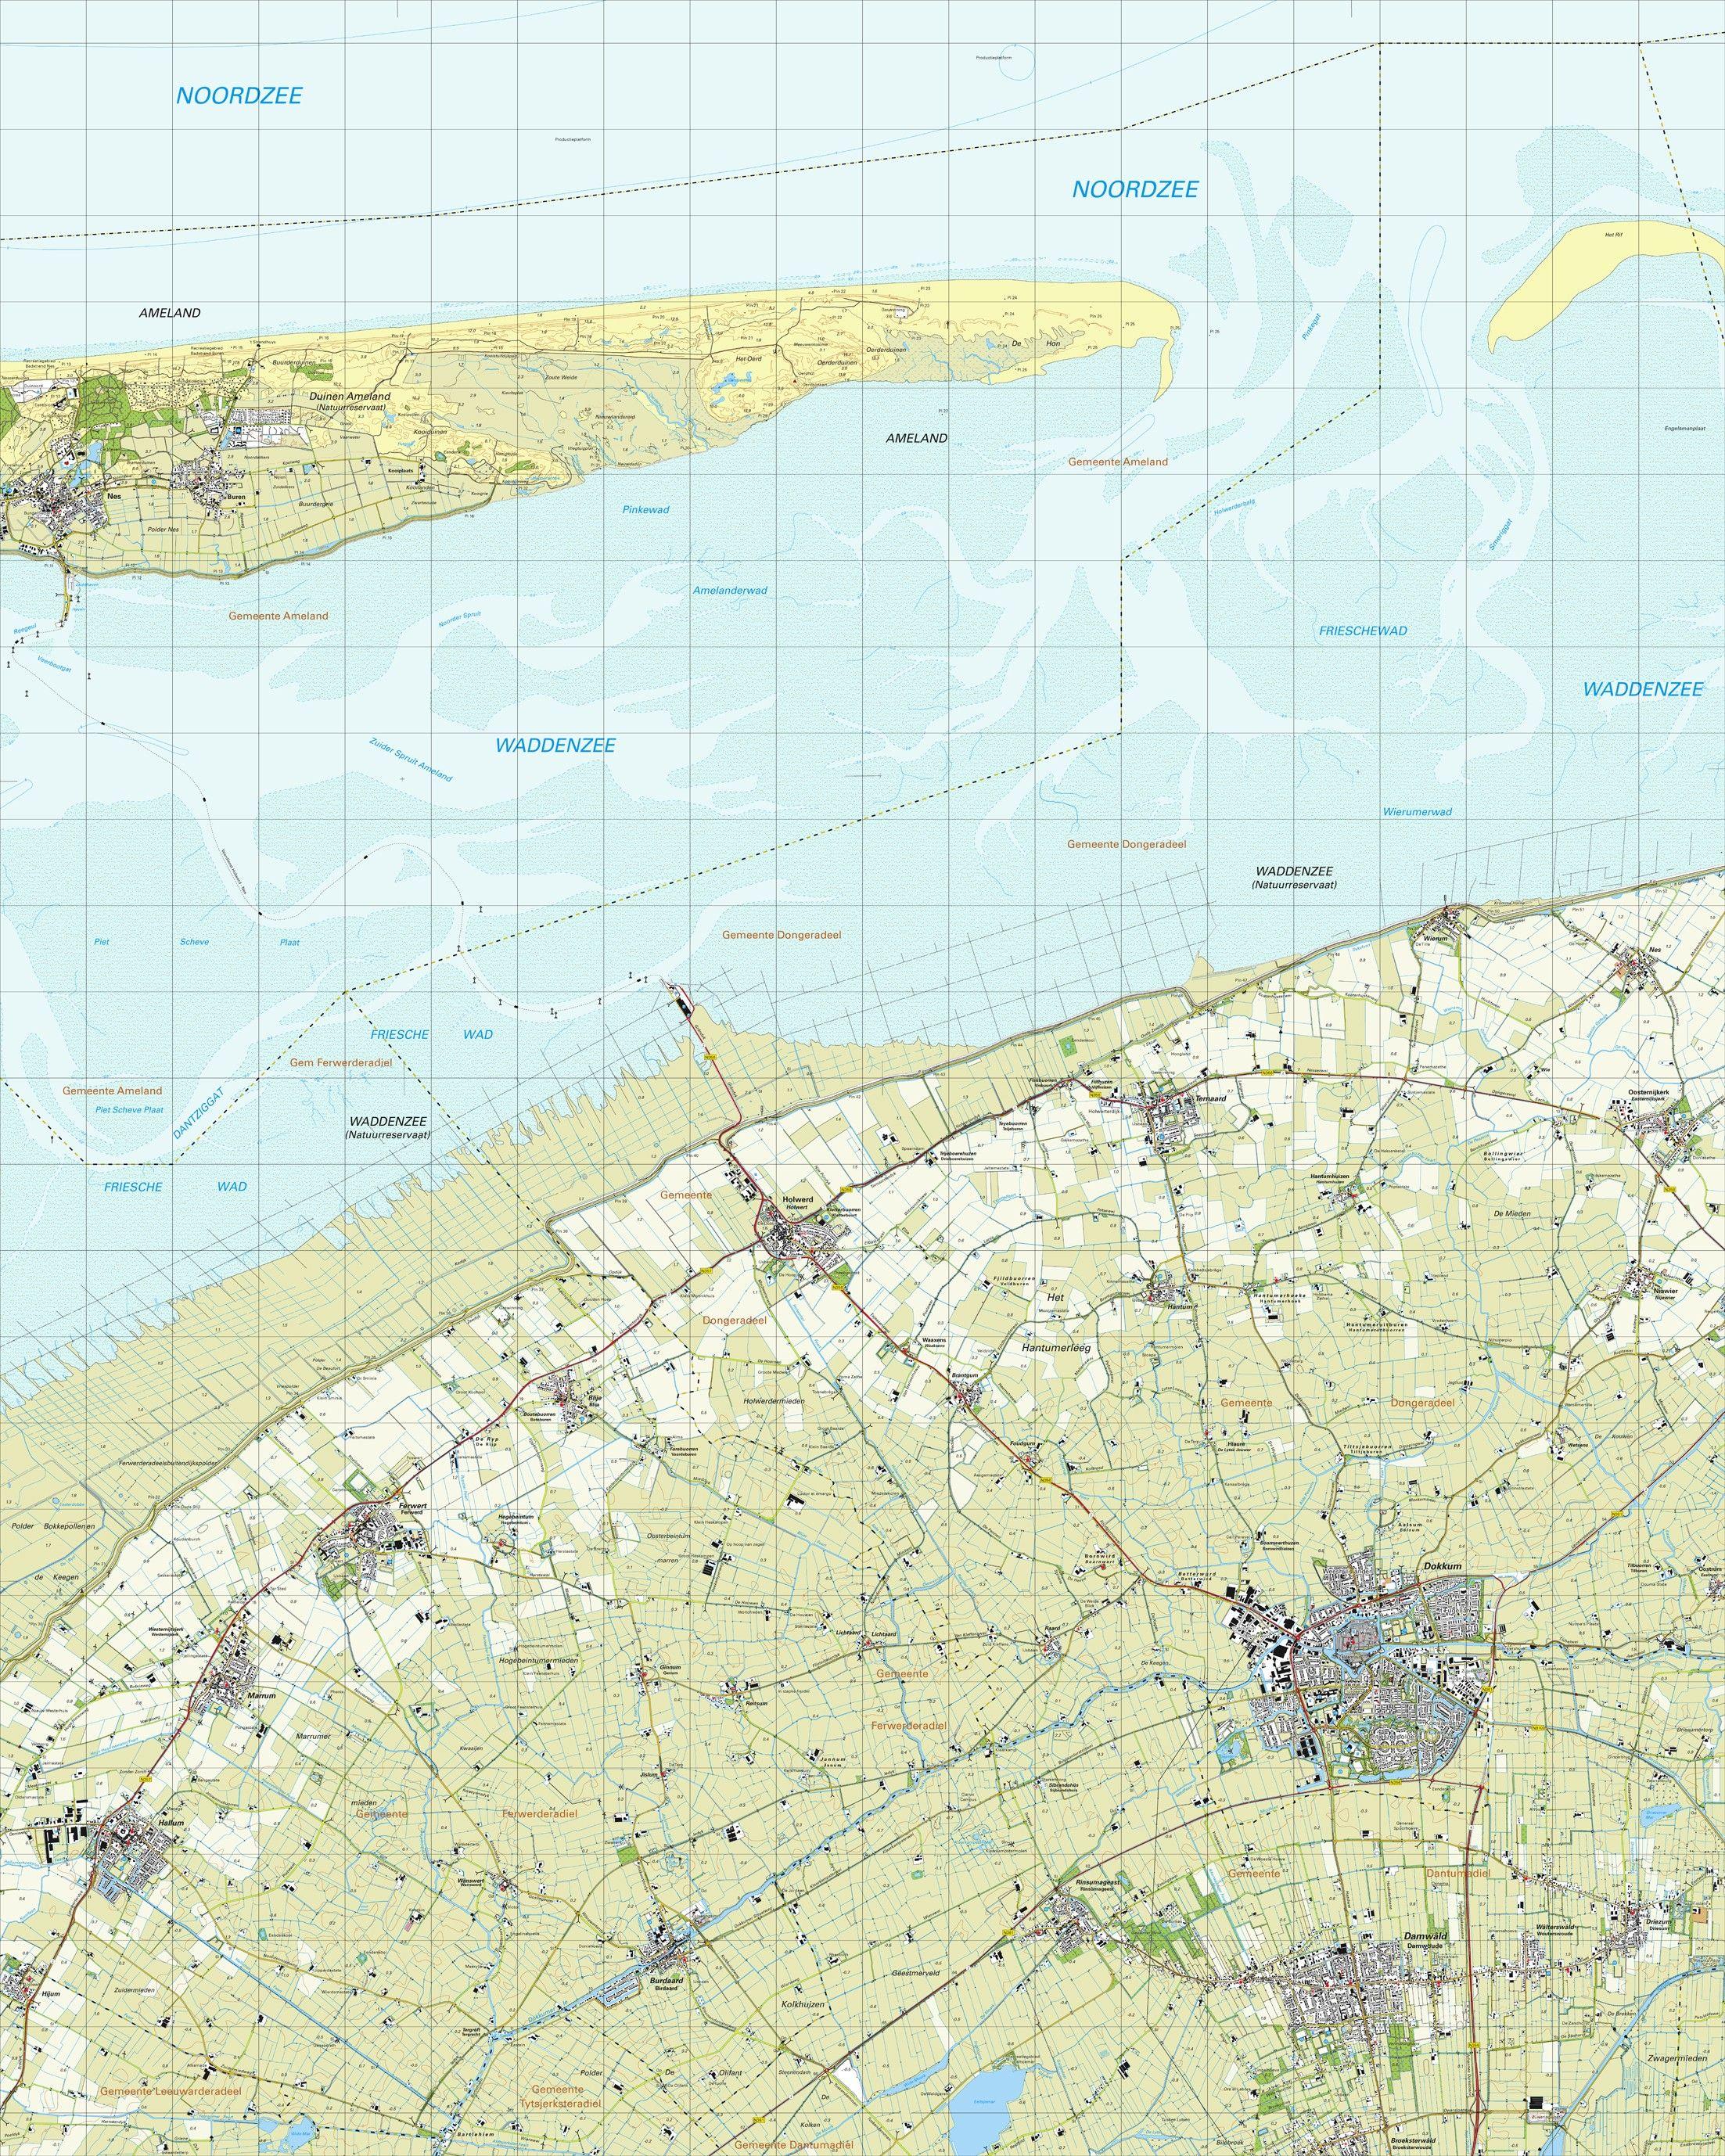 Topografische kaart schaal 1:25.000 (Ameland,Marrum,Hallum,Dokkum,Damwoude)